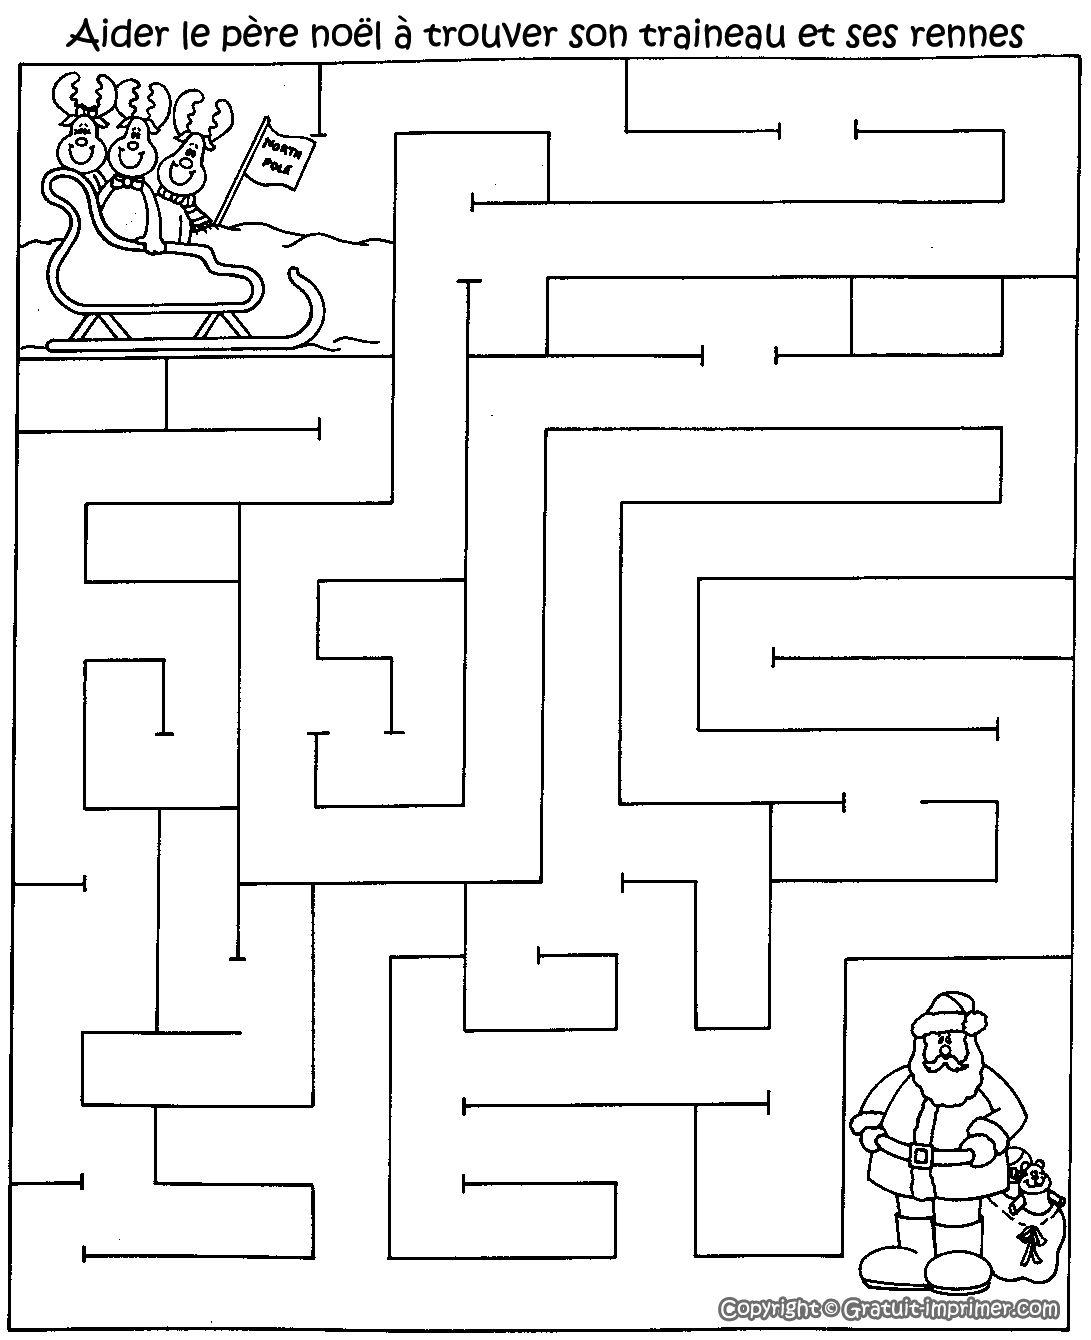 Jeu Labyrinthe Gratuit Pour Enfant Avec Pere Noel Et Ses